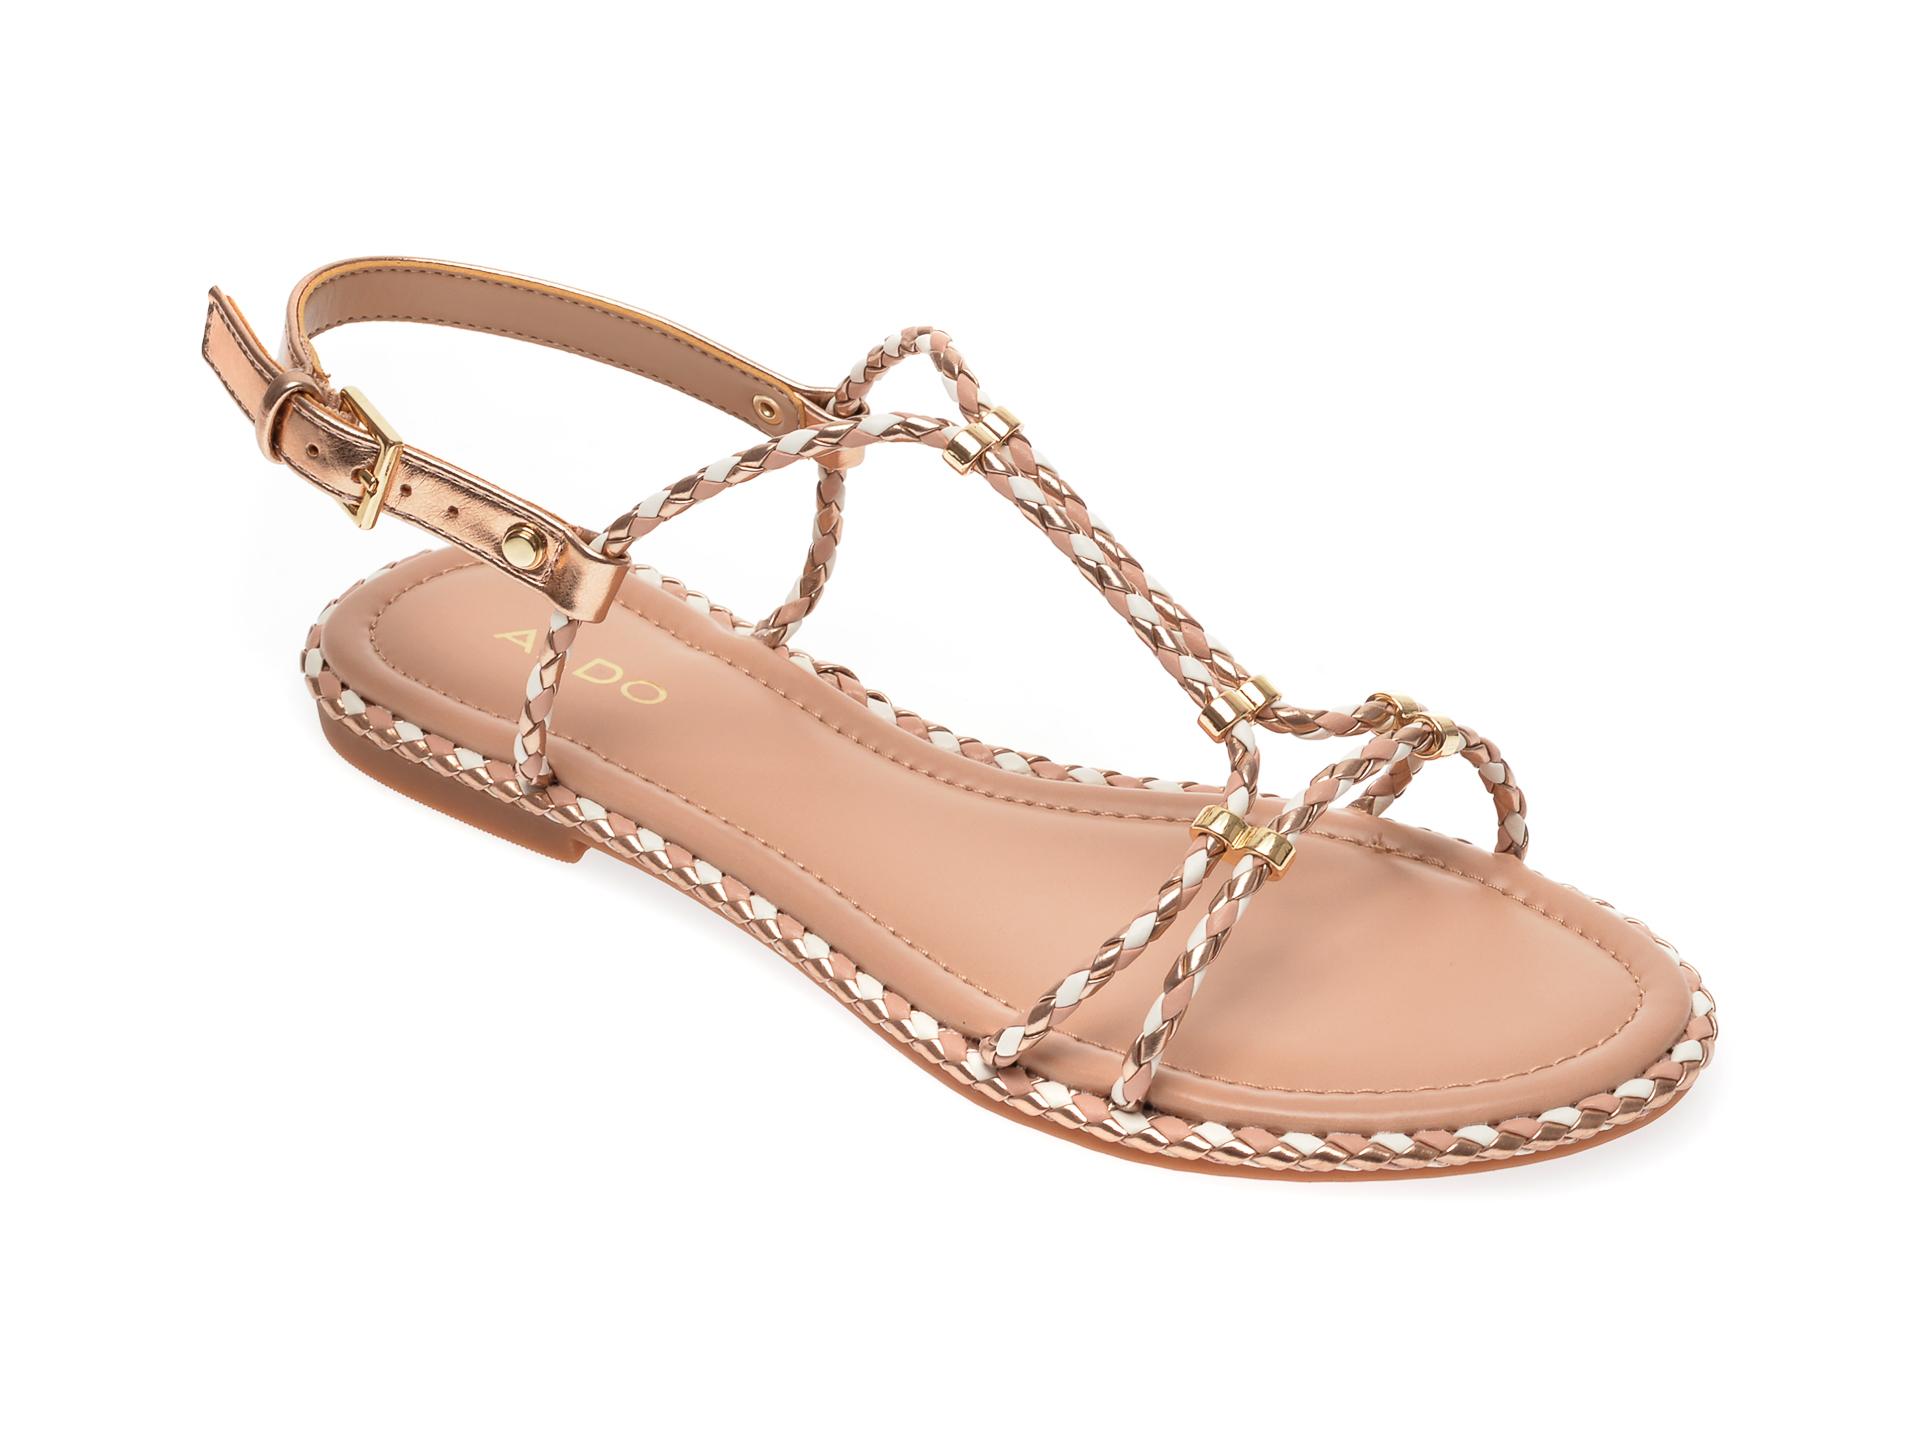 Sandale ALDO aurii, Qilinna653, din piele ecologica imagine